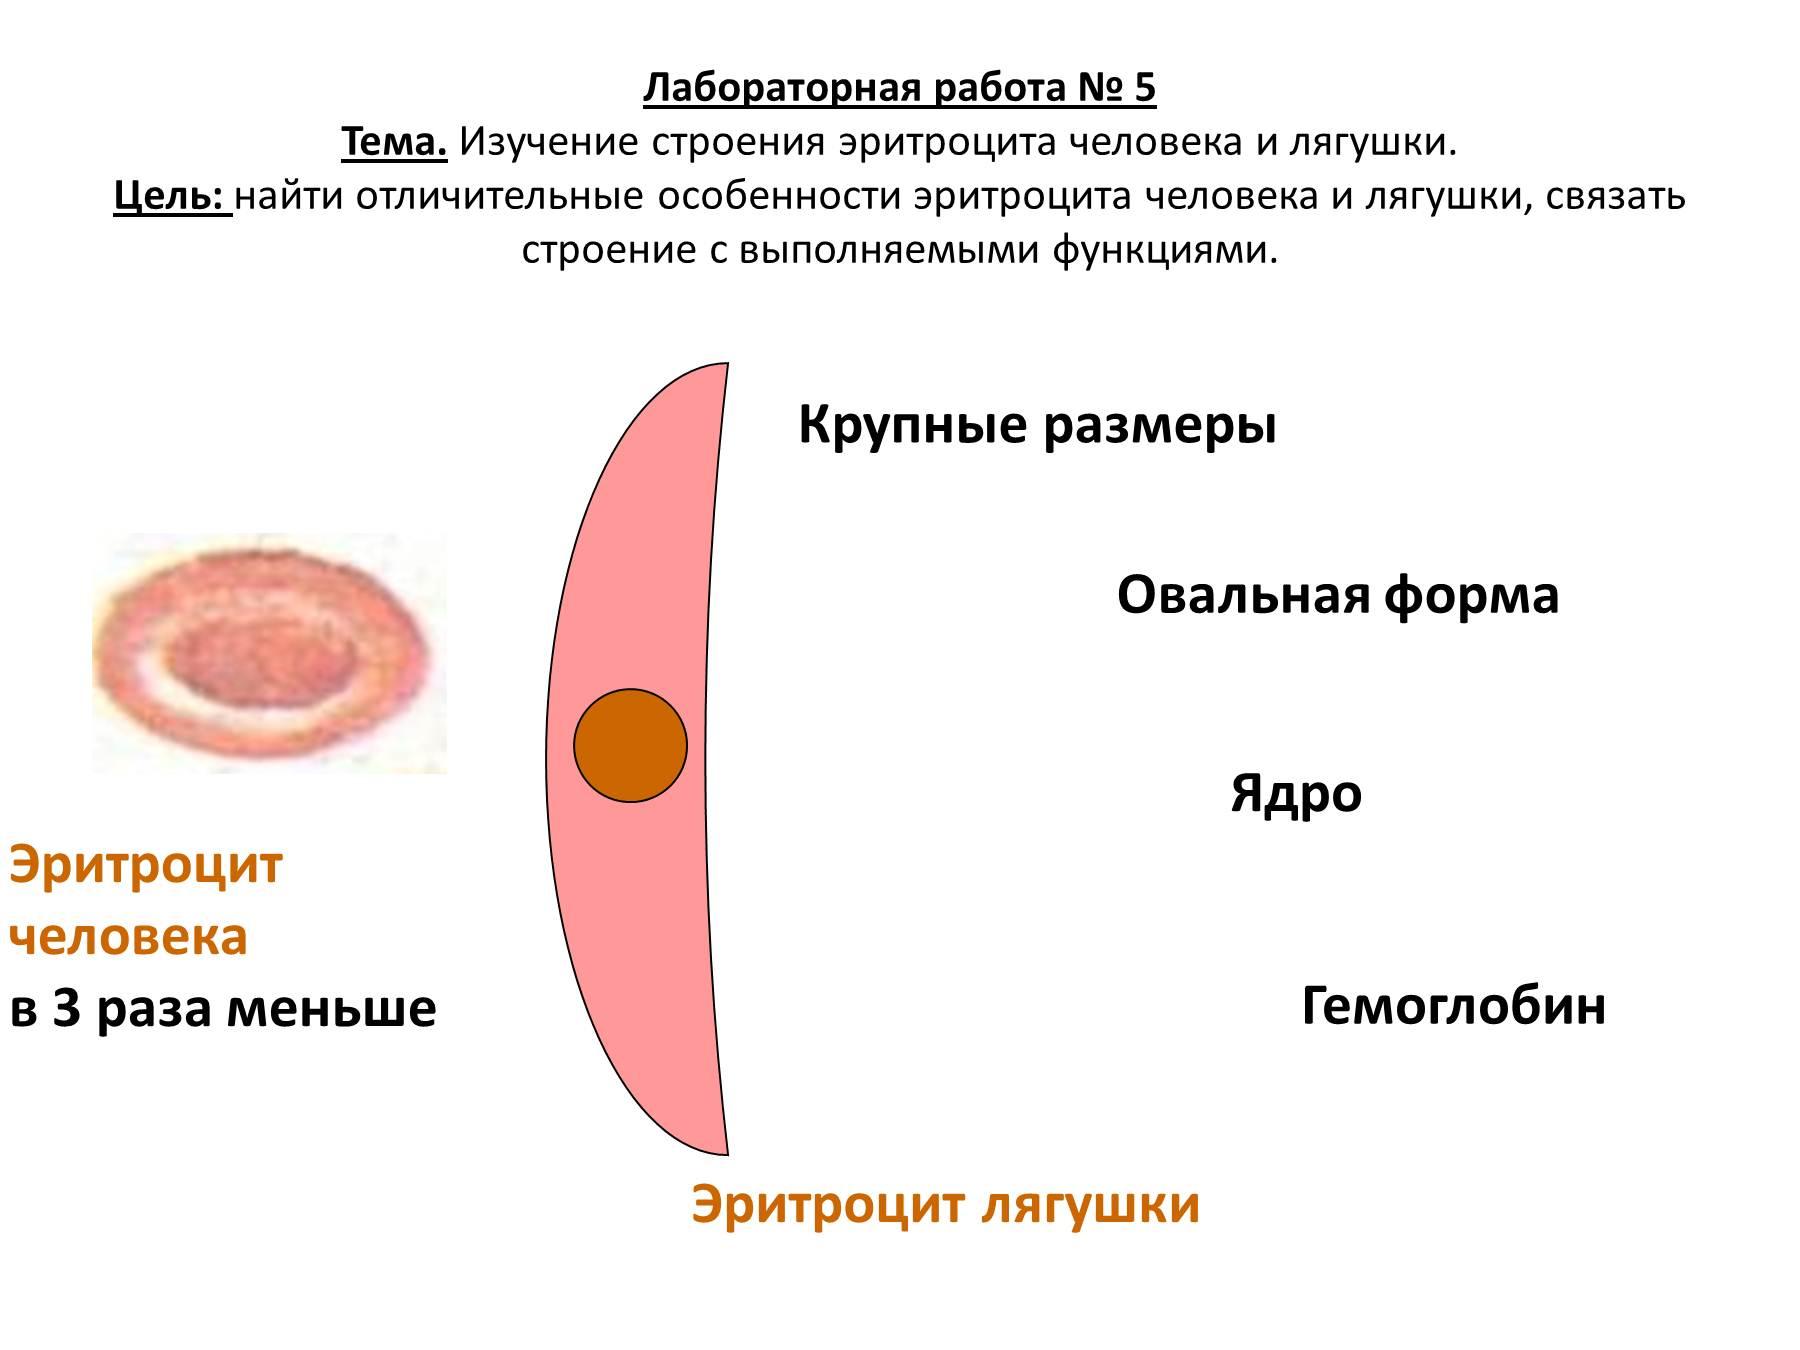 Какие особенности эритроцитов связаны с их функциями 92